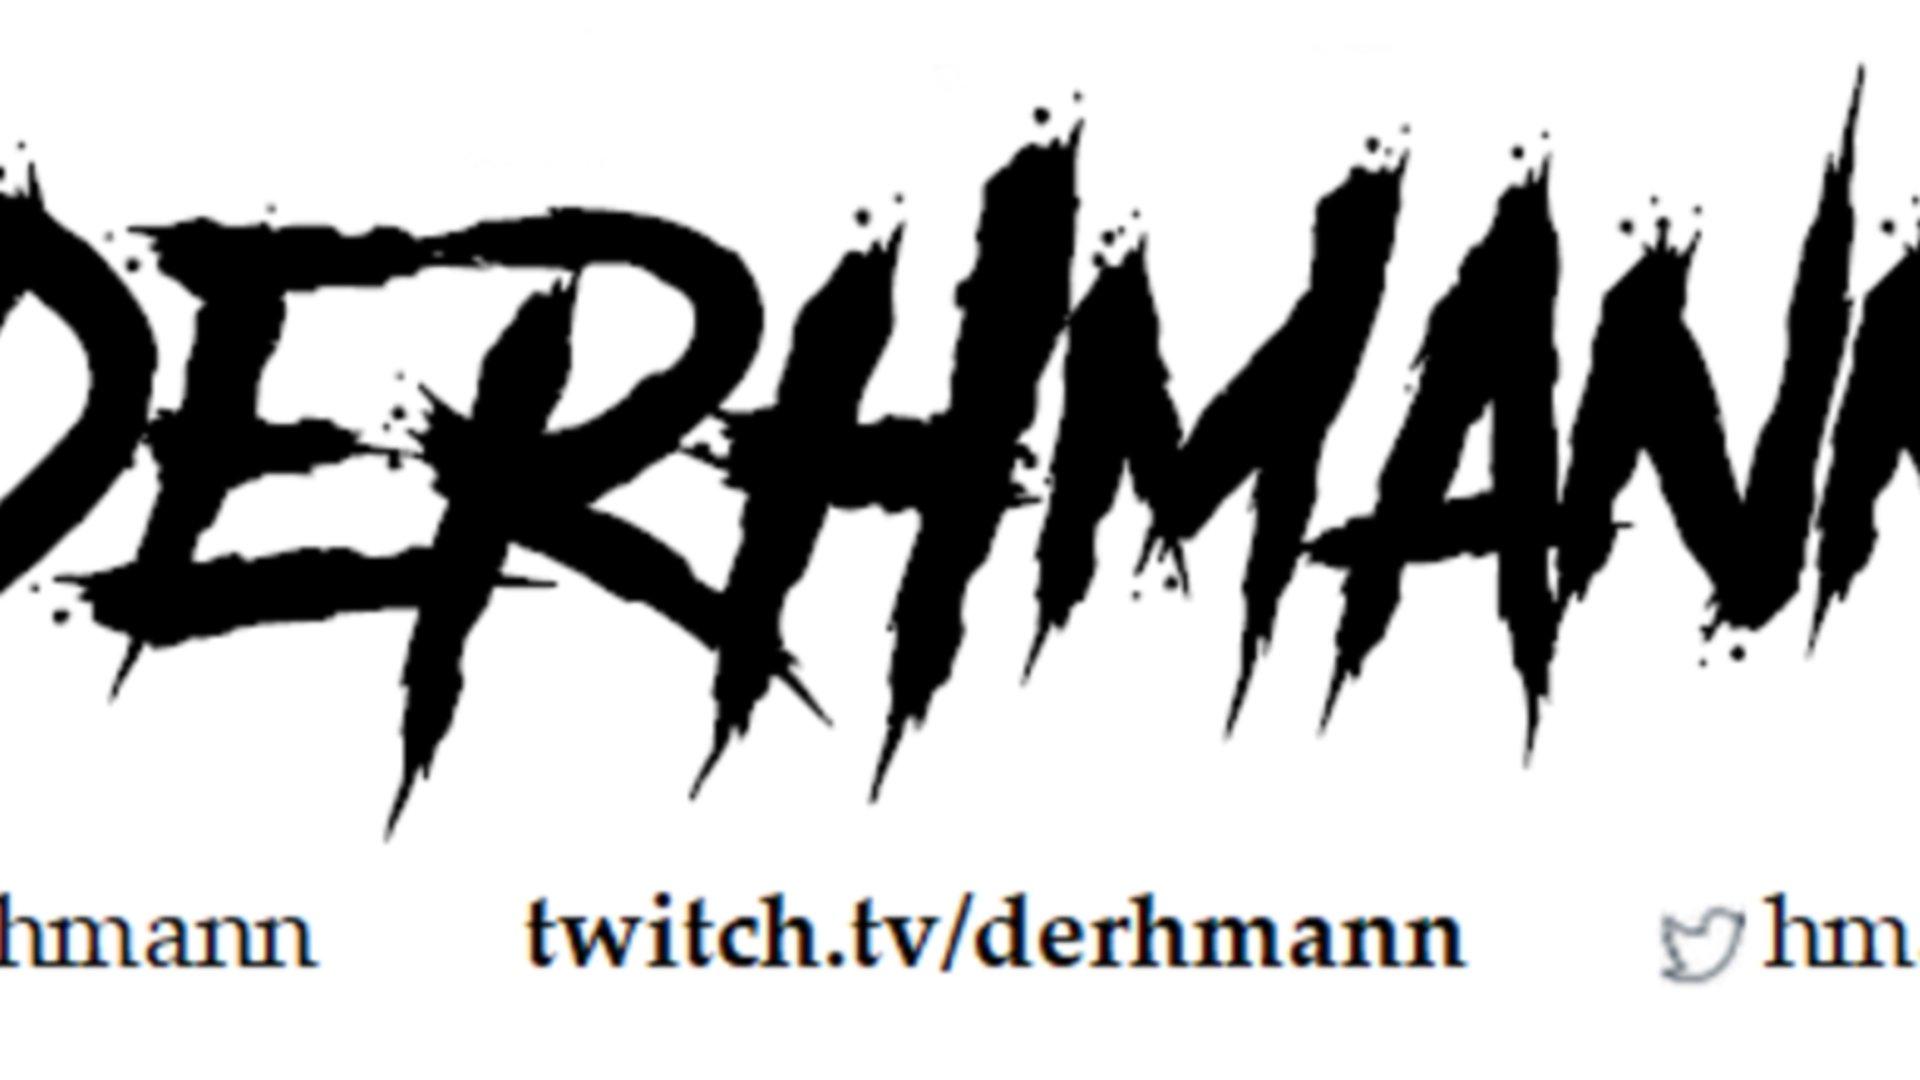 Twitch stream of DerHmanN